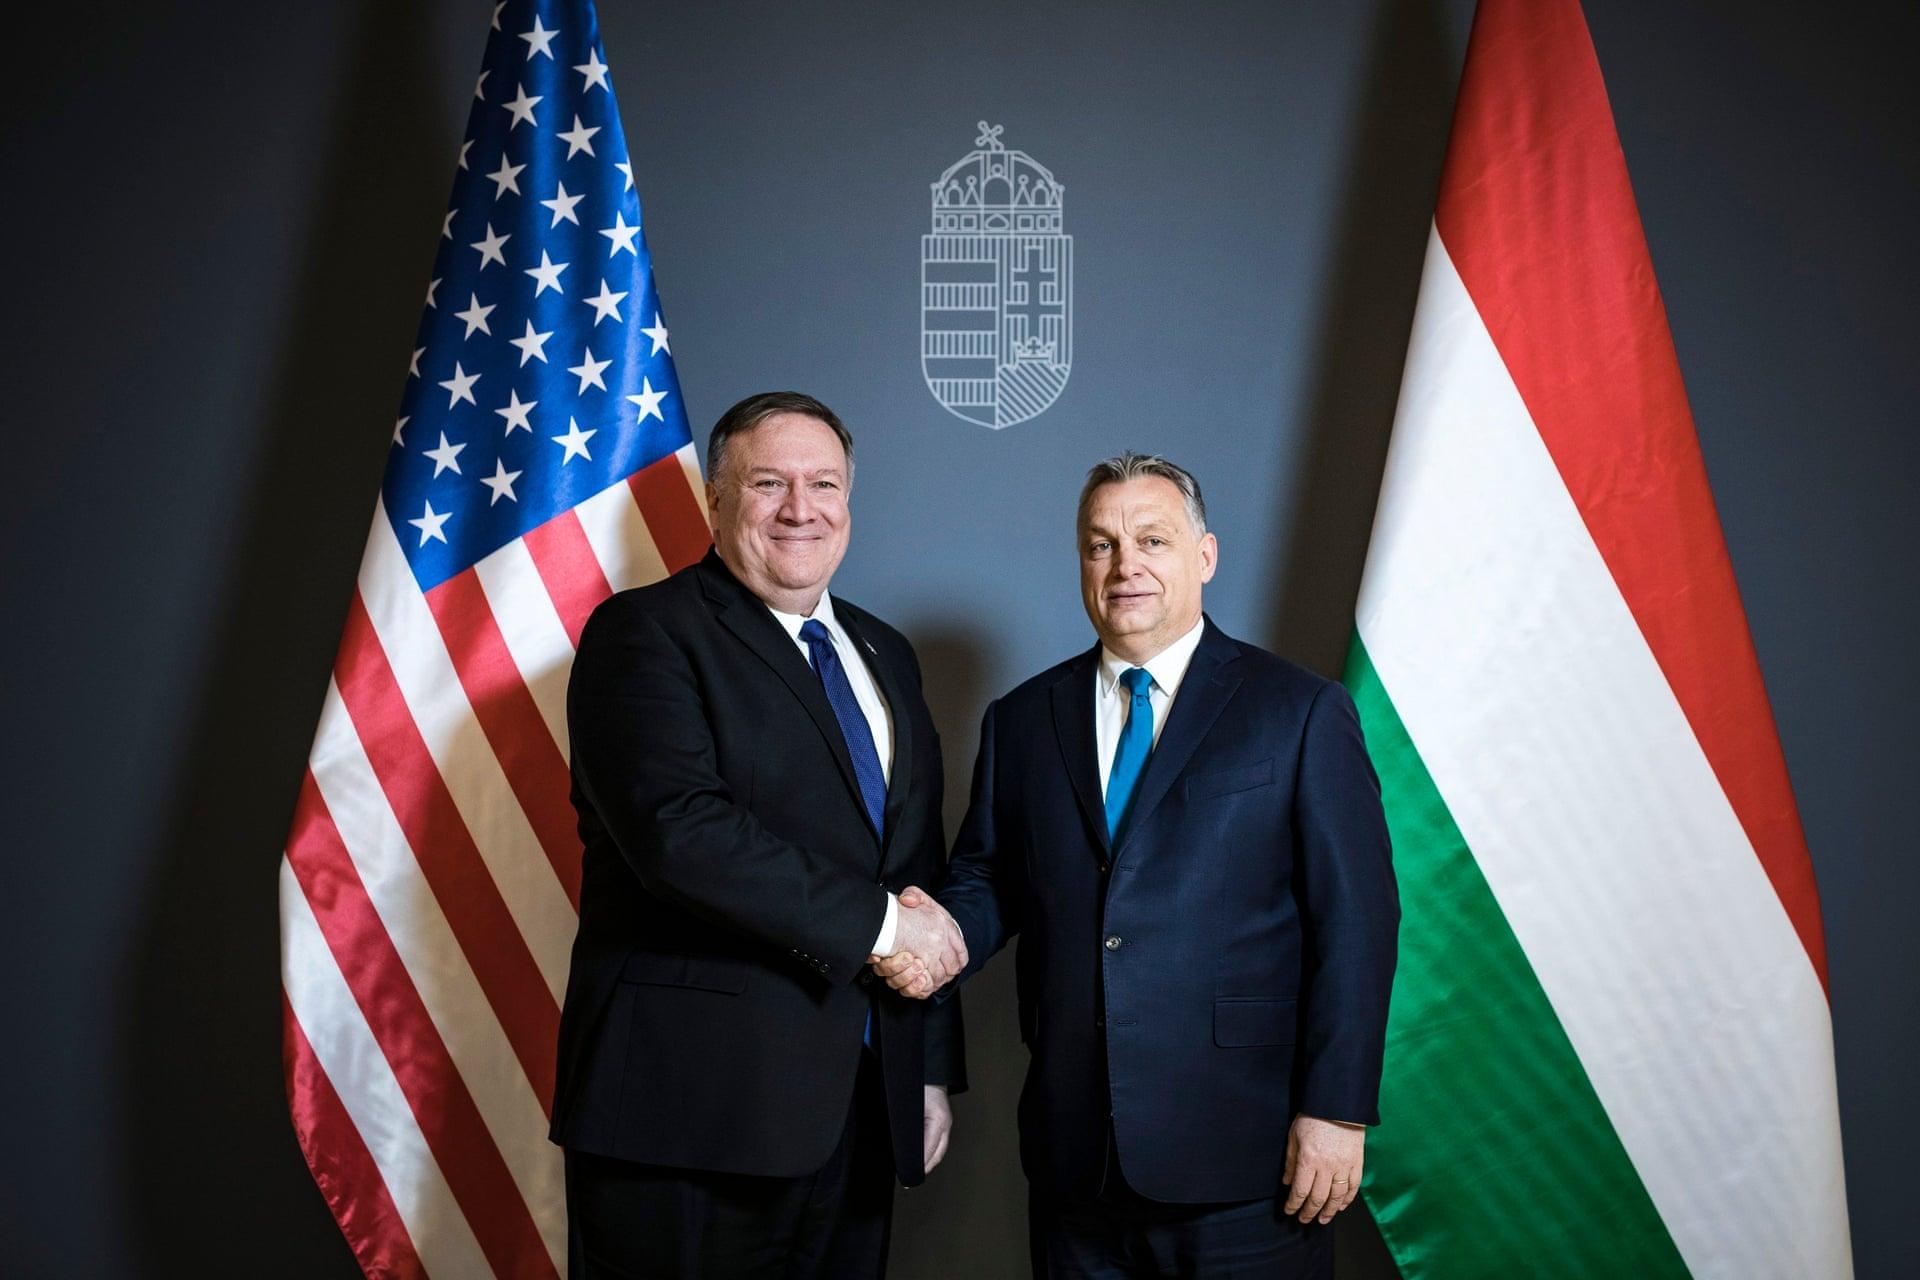 Майк Помпео и Виктор Орбан в Будапеште на прошлой неделе. Фото: Balazs Szecsodi / Пресс-служба премьер-министра Венгрии / HANDOUT / EPA